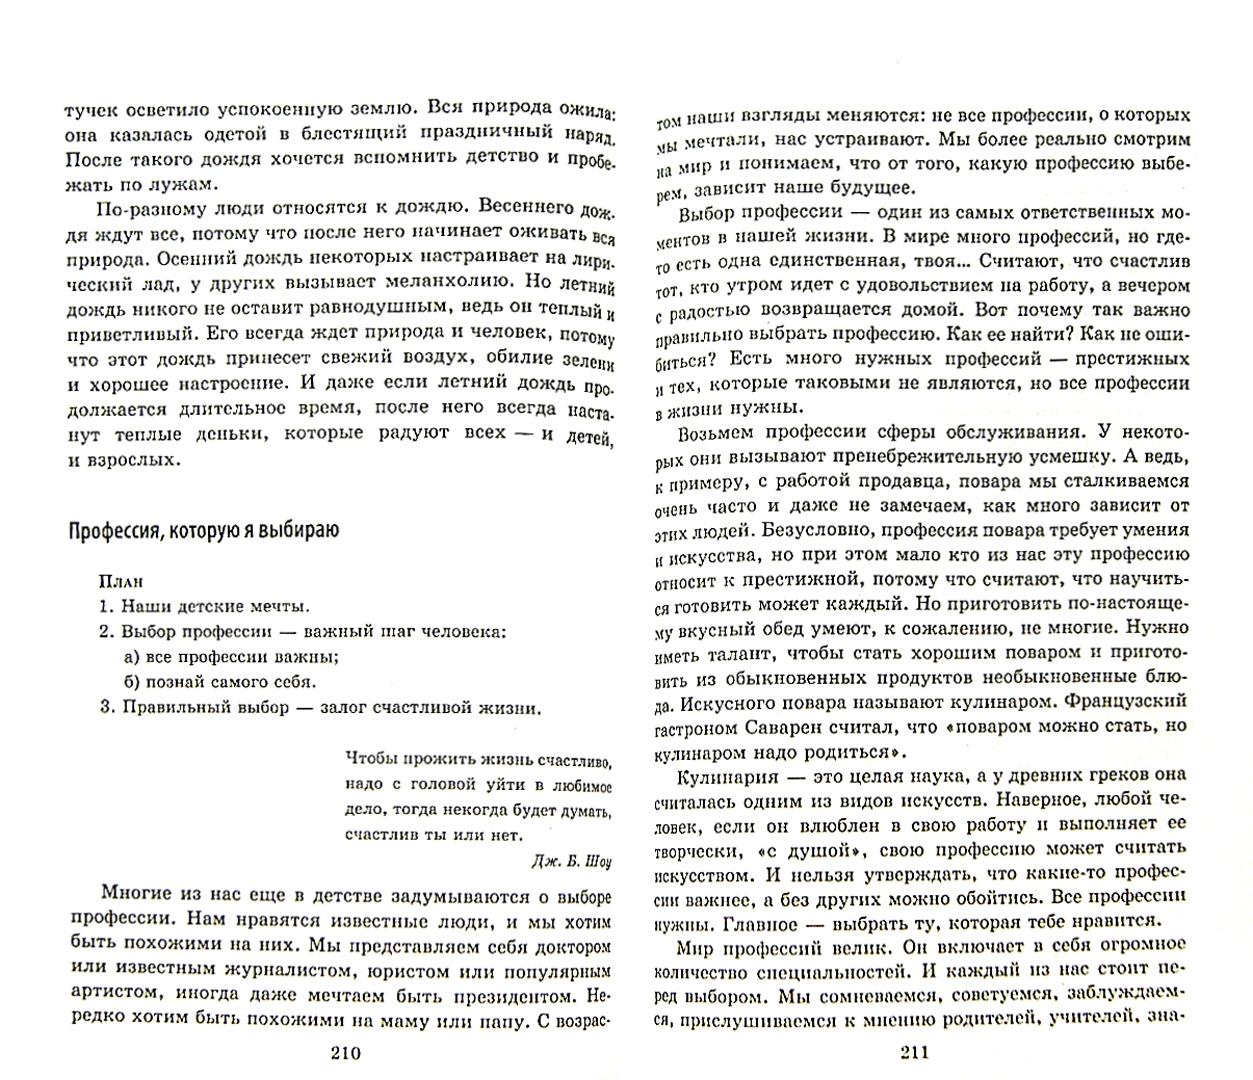 Иллюстрация 1 из 7 для Новейшие сочинения. Все темы 2015. 5-9 классы - Бойко, Калугина, Корсунова | Лабиринт - книги. Источник: Лабиринт